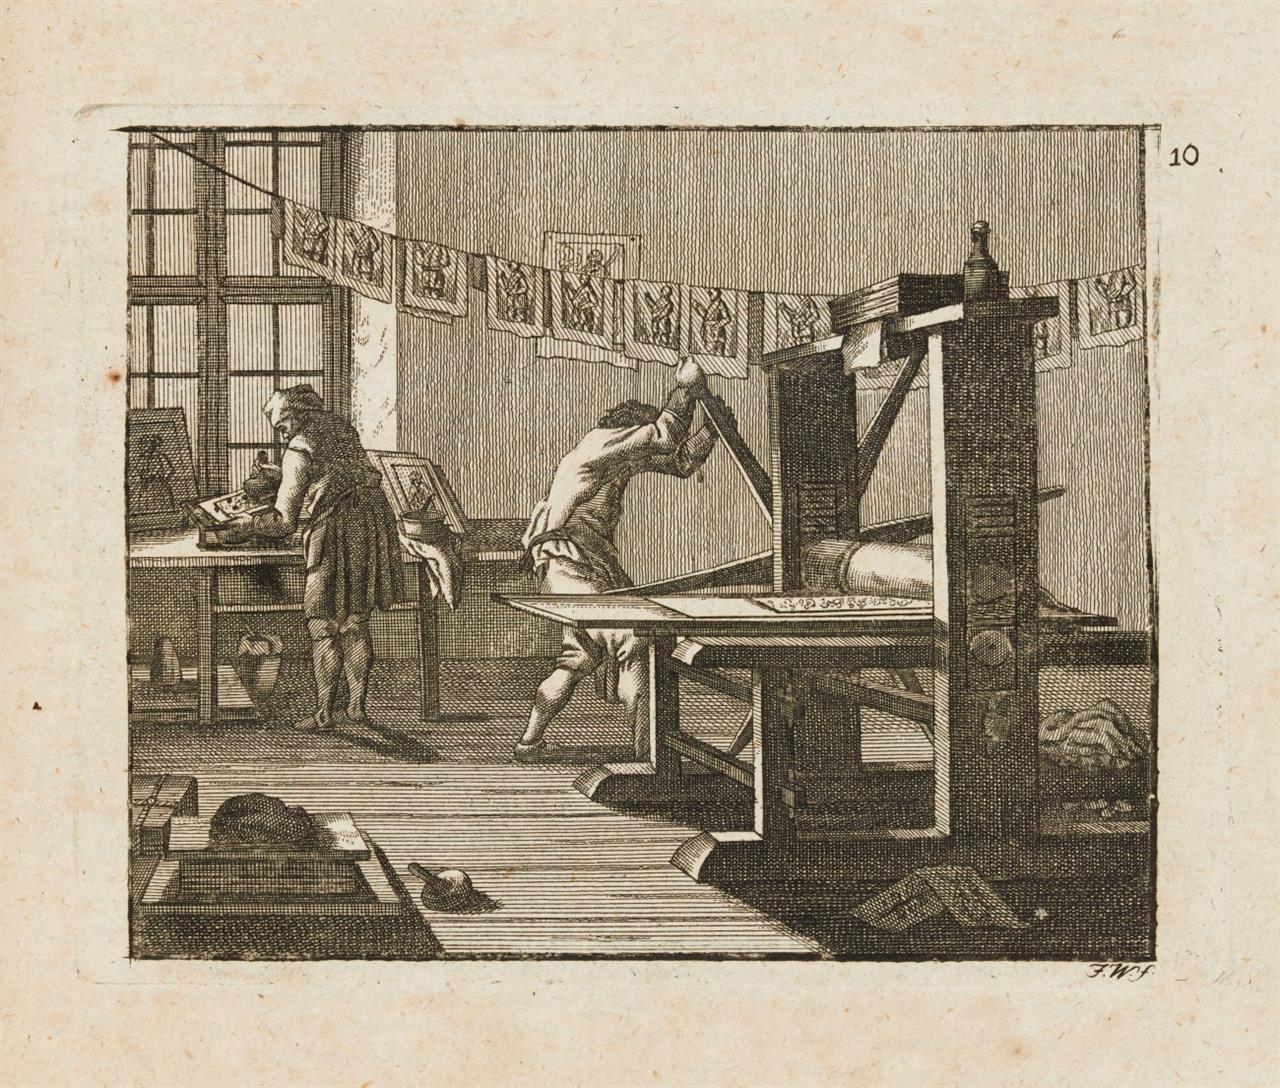 Schauplatz der Natur und der Künste, in vier Sprachen ... 10 Jge. in 5 Bden. Wien 1774-1783.